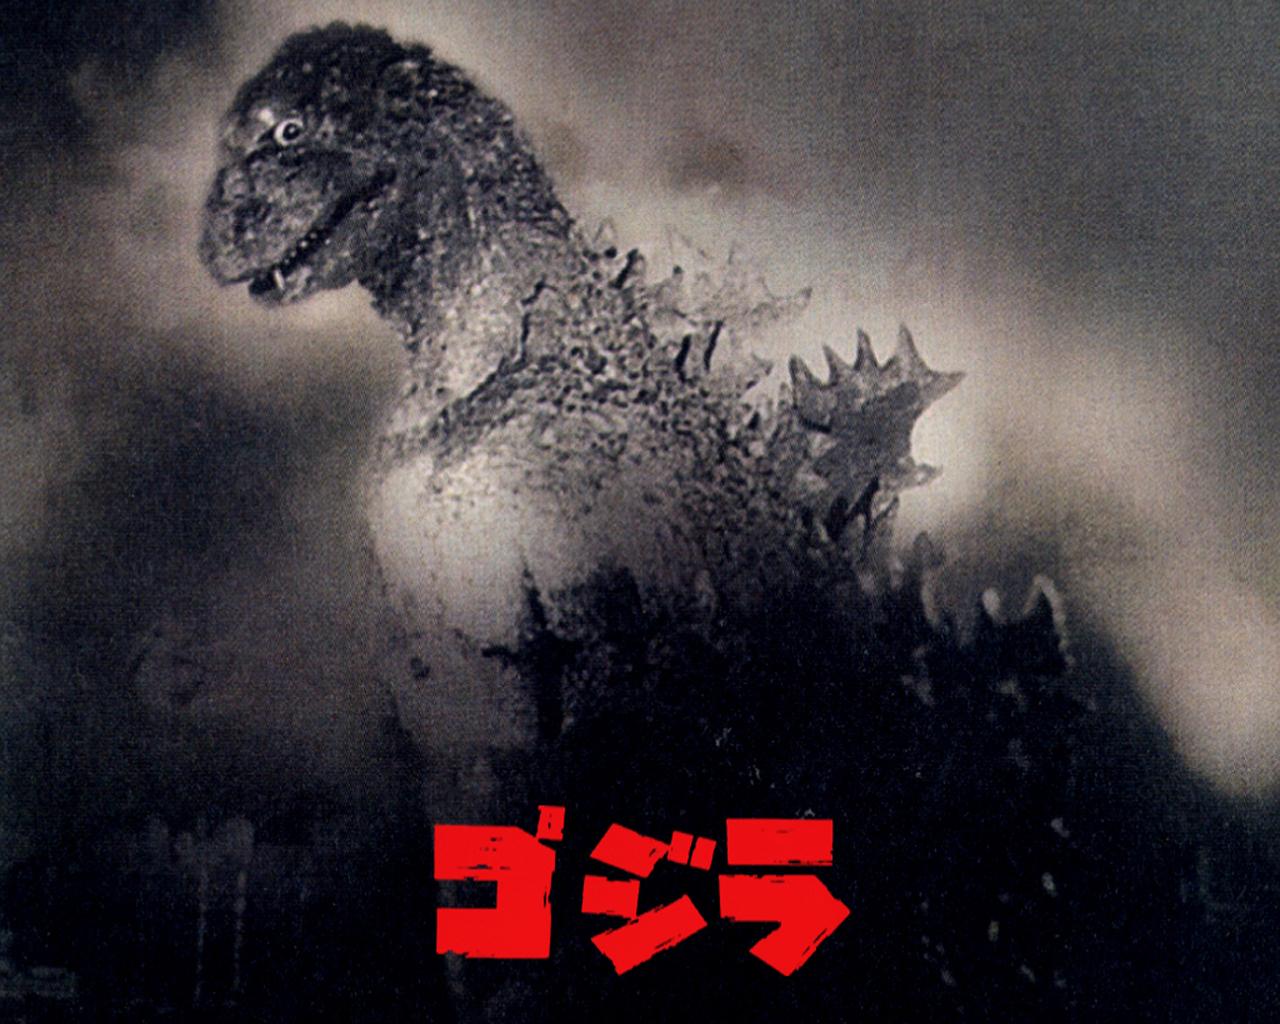 Godzilla Wallpaper 1280x1024 Godzilla 1280x1024